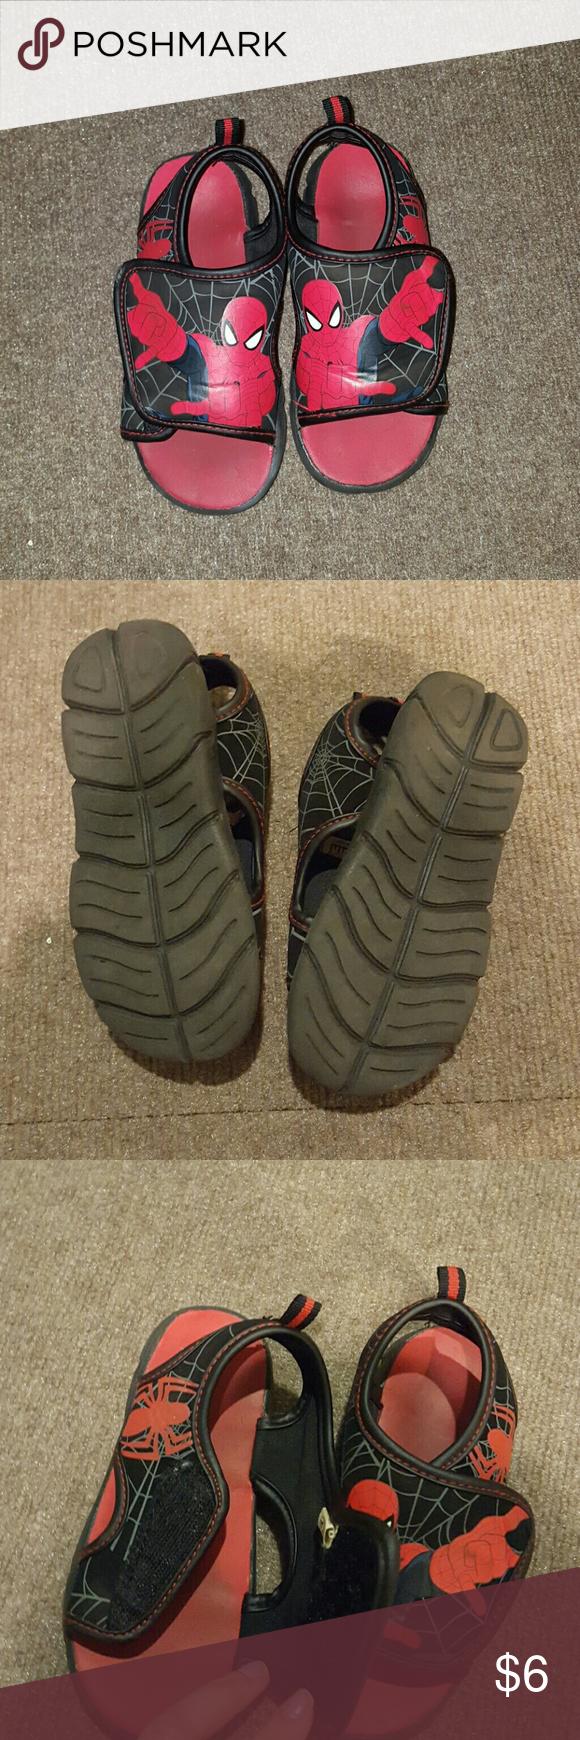 Spider-Man sandals Spider-Man sandals  size: 9/10 Spiderman Shoes Sandals & Flip Flops